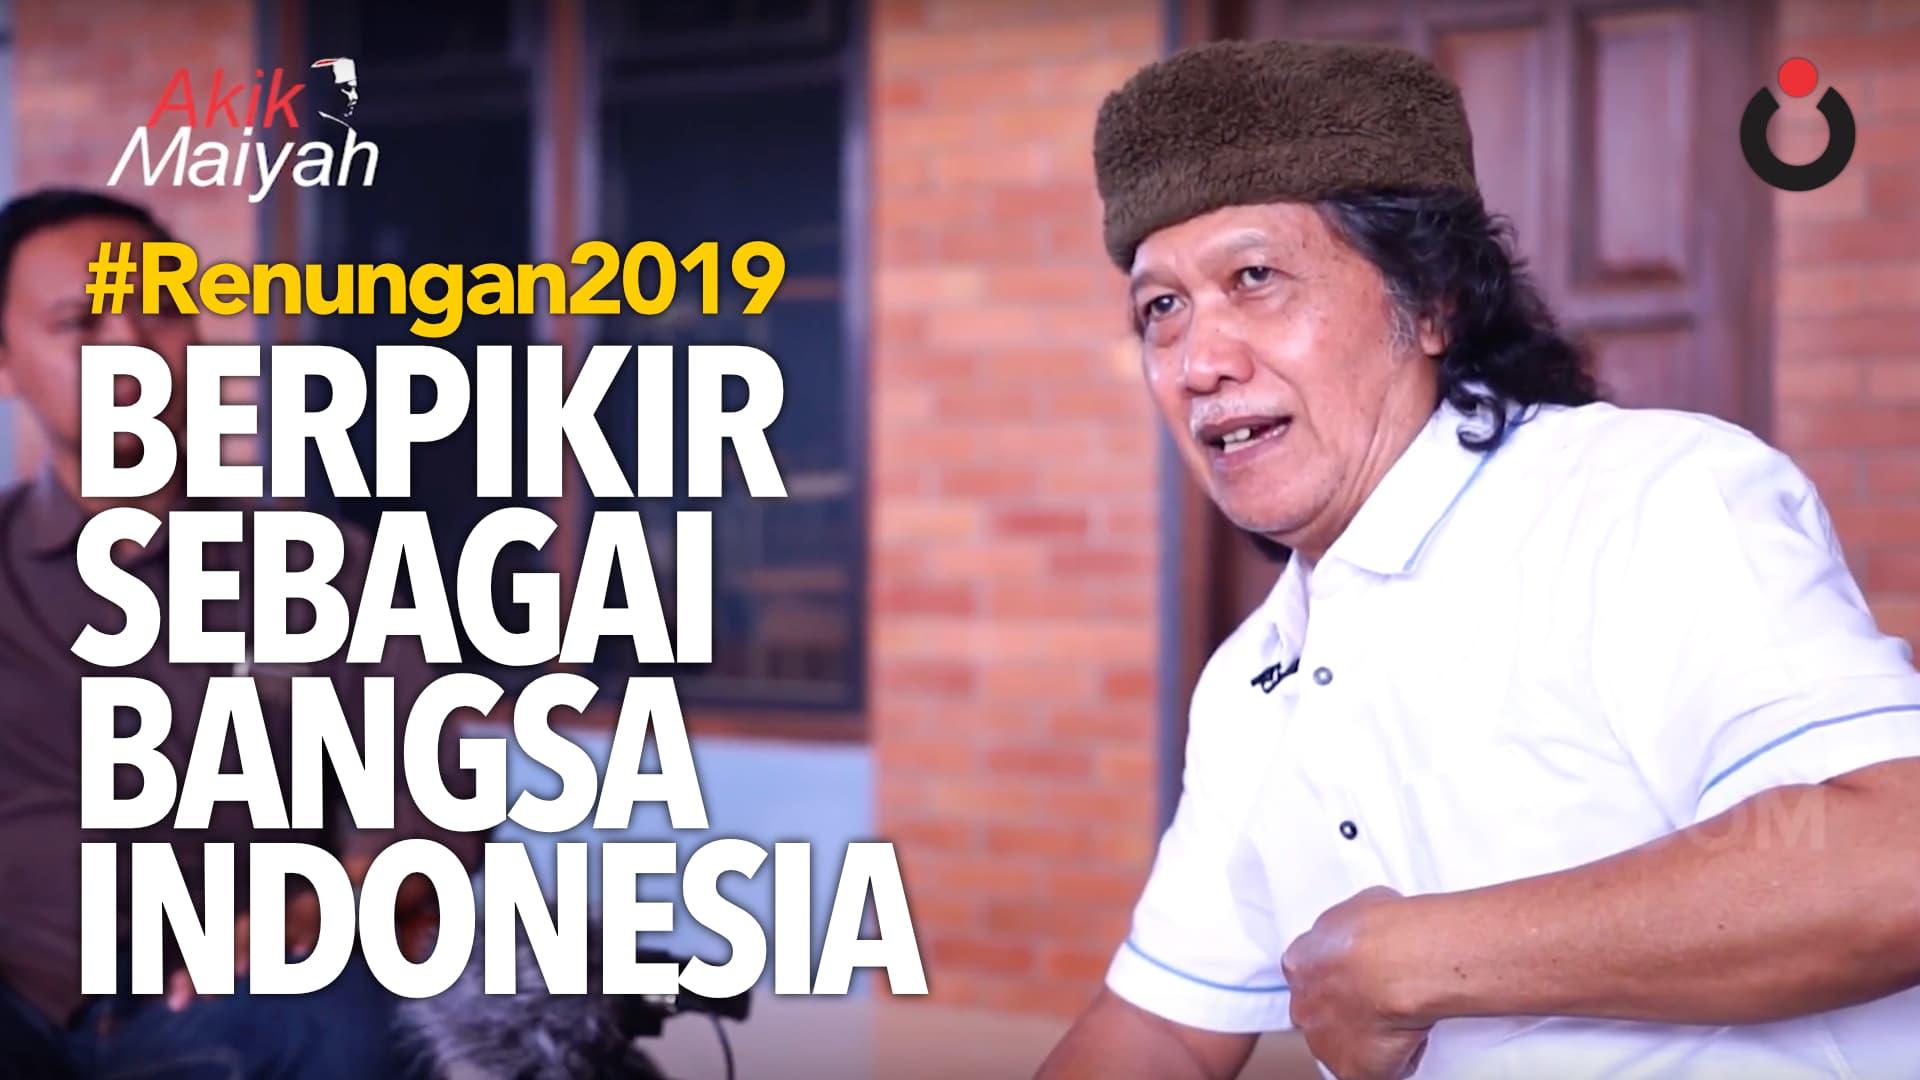 Berpikir Sebagai Bangsa Indonesia | #Renungan2019 (1)